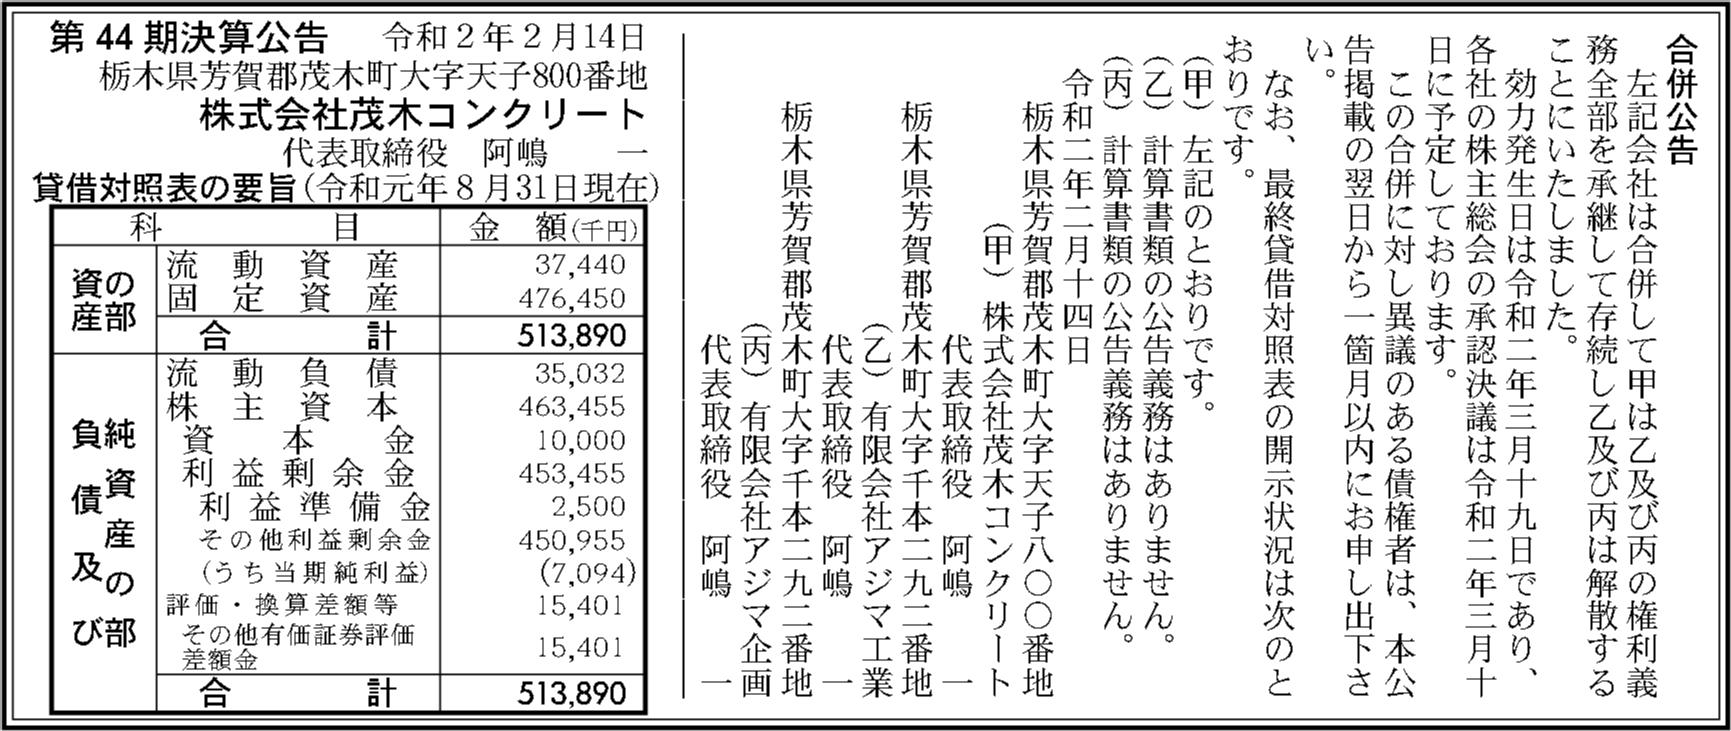 0054 a343a43935f9c75753f943bd29f89e984cb939520e8c08239a39724ca8900a5bf388d98c2a8564ad5681f083636203ca504580f683ae1371b65ba89e0f7f236e 01